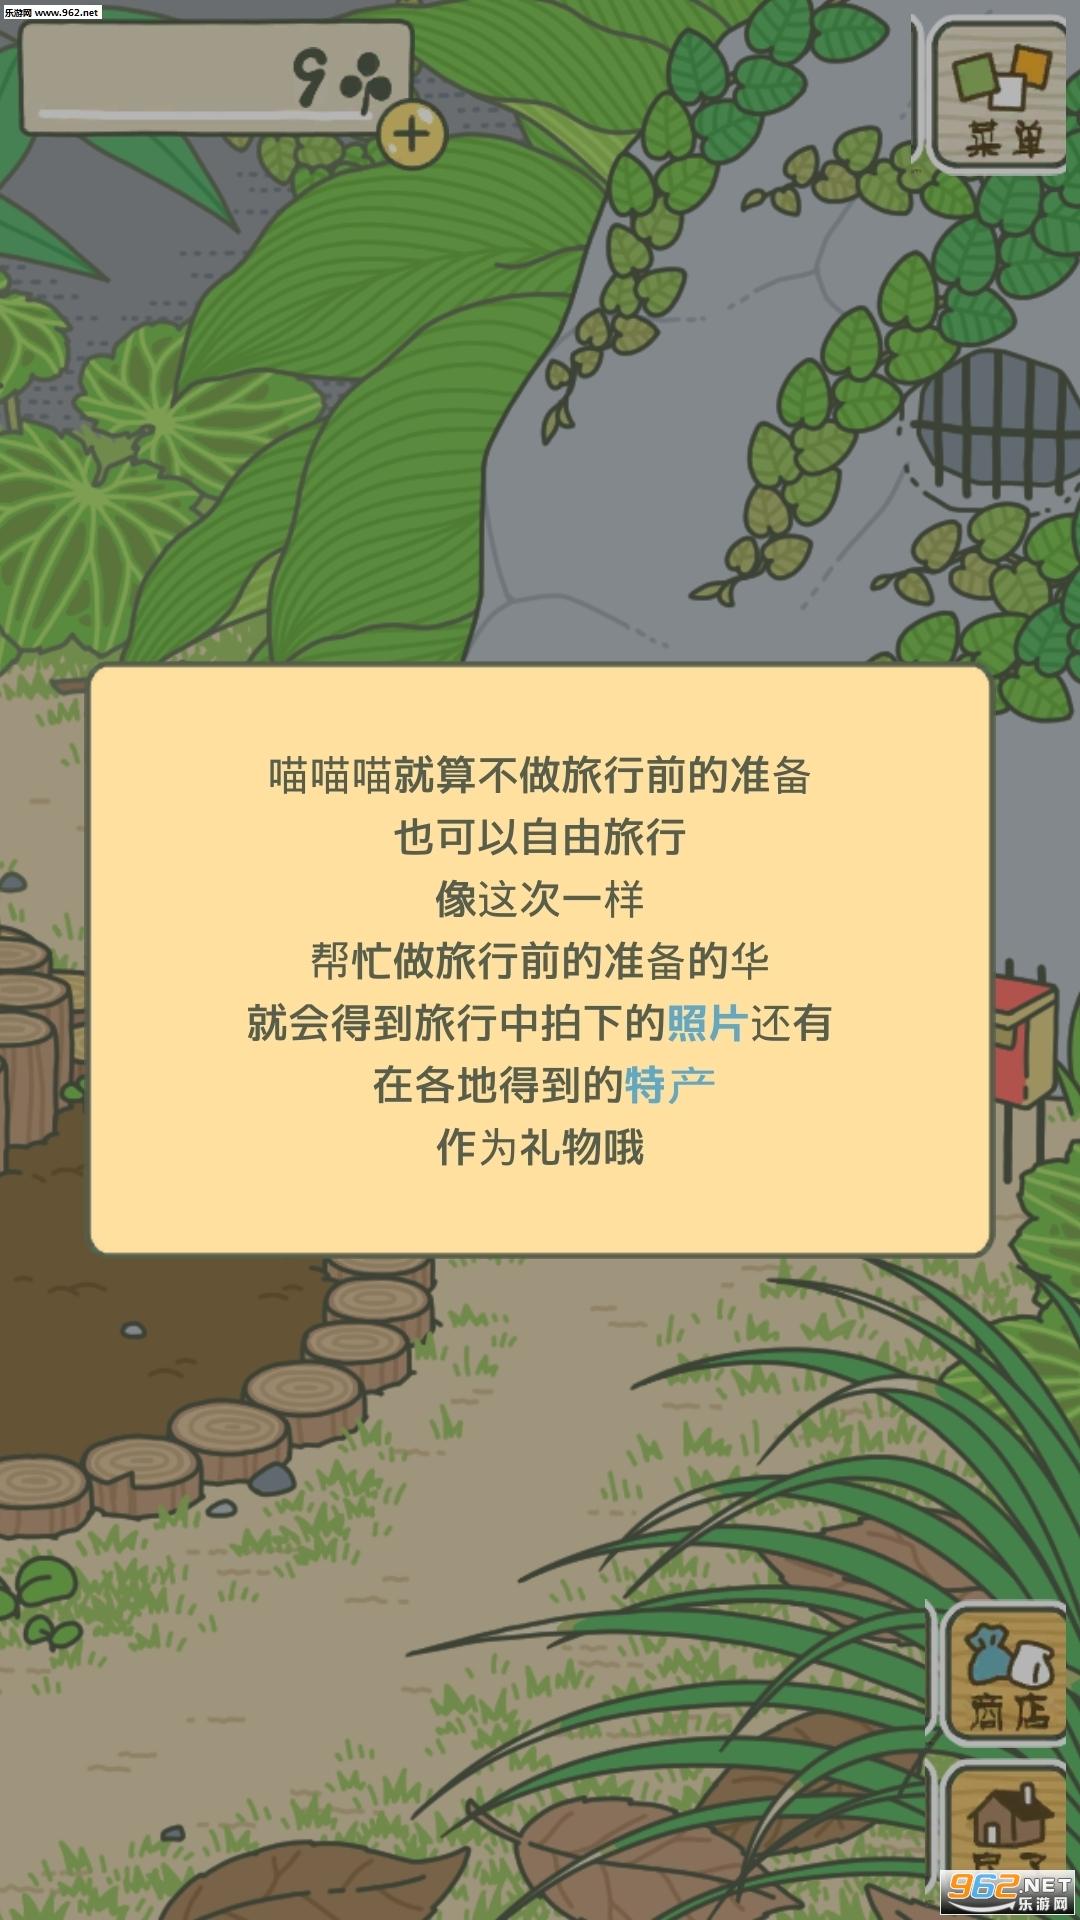 旅行攻略手谈姬汉化版 旅行青蛙汉化安卓版下青蛙上海苏州旅游图片